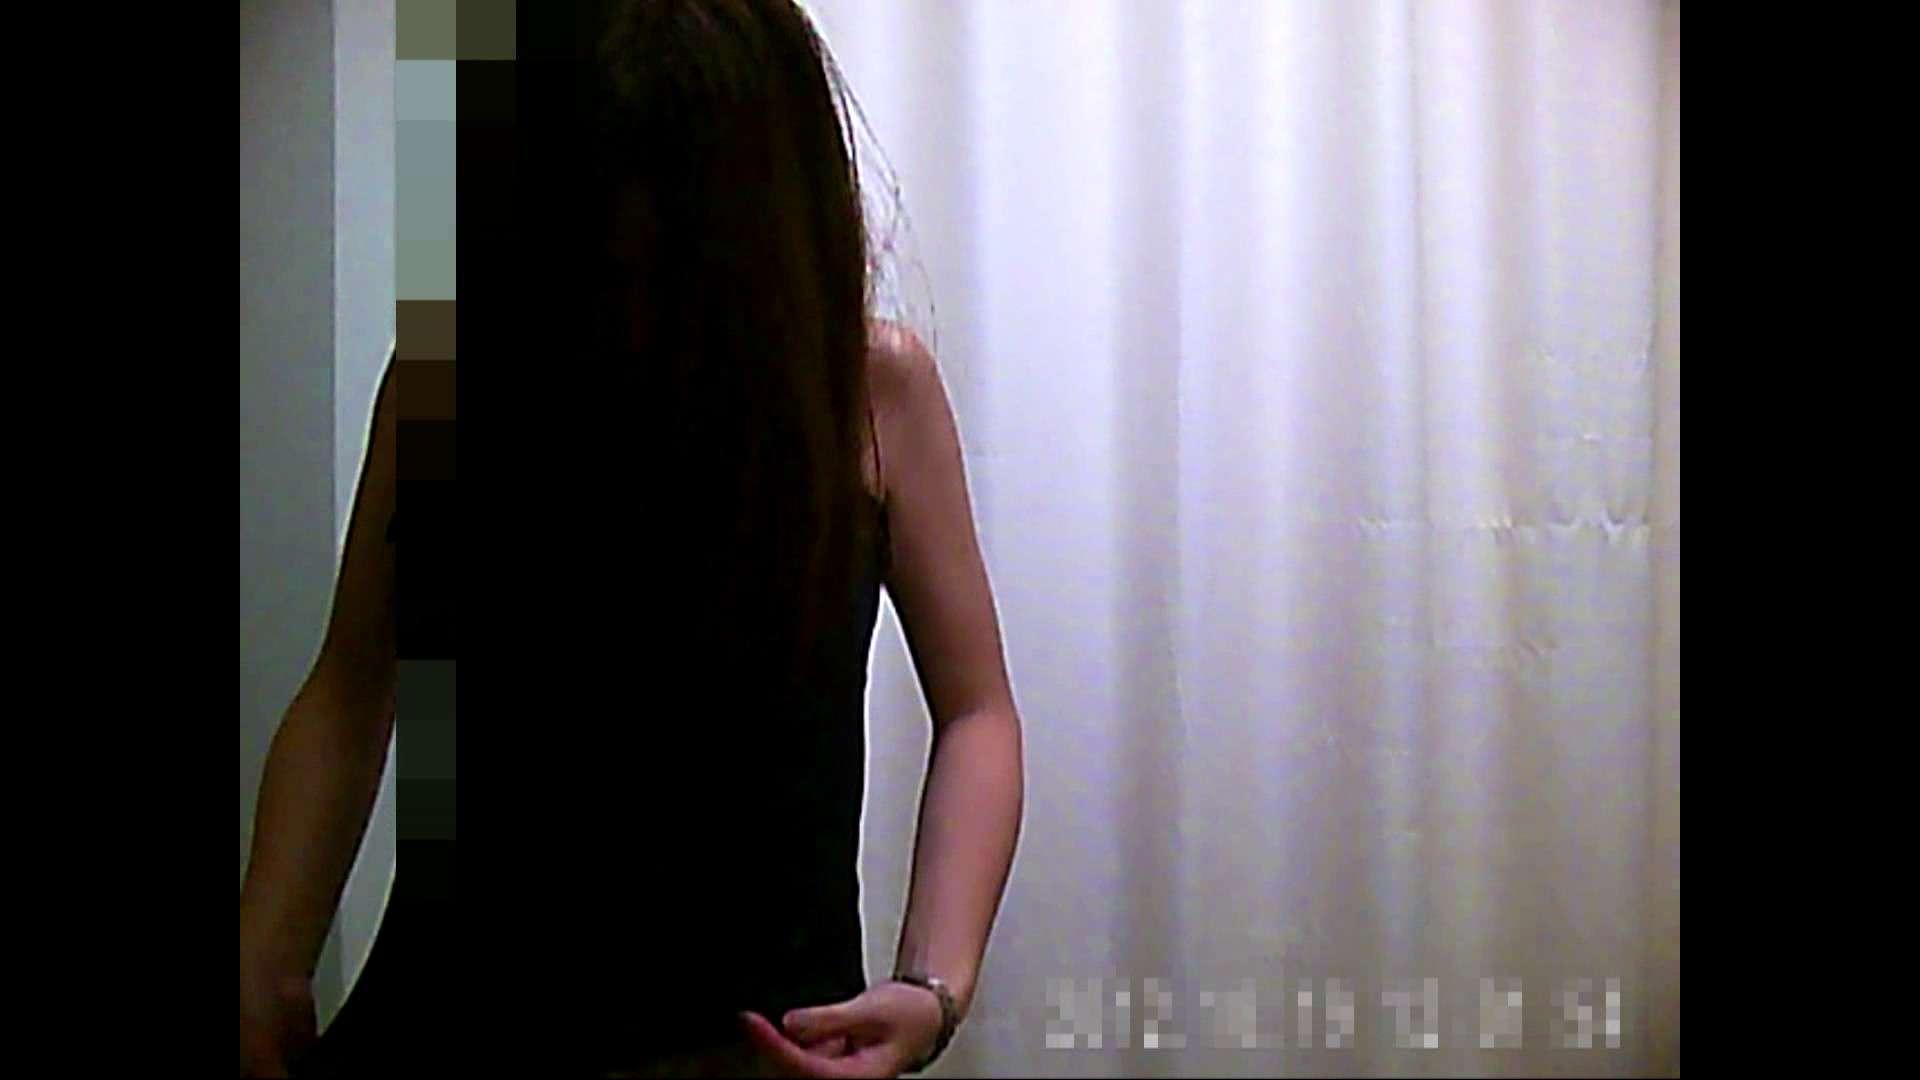 病院おもいっきり着替え! vol.244 乳首 隠し撮りオマンコ動画紹介 77PIX 73